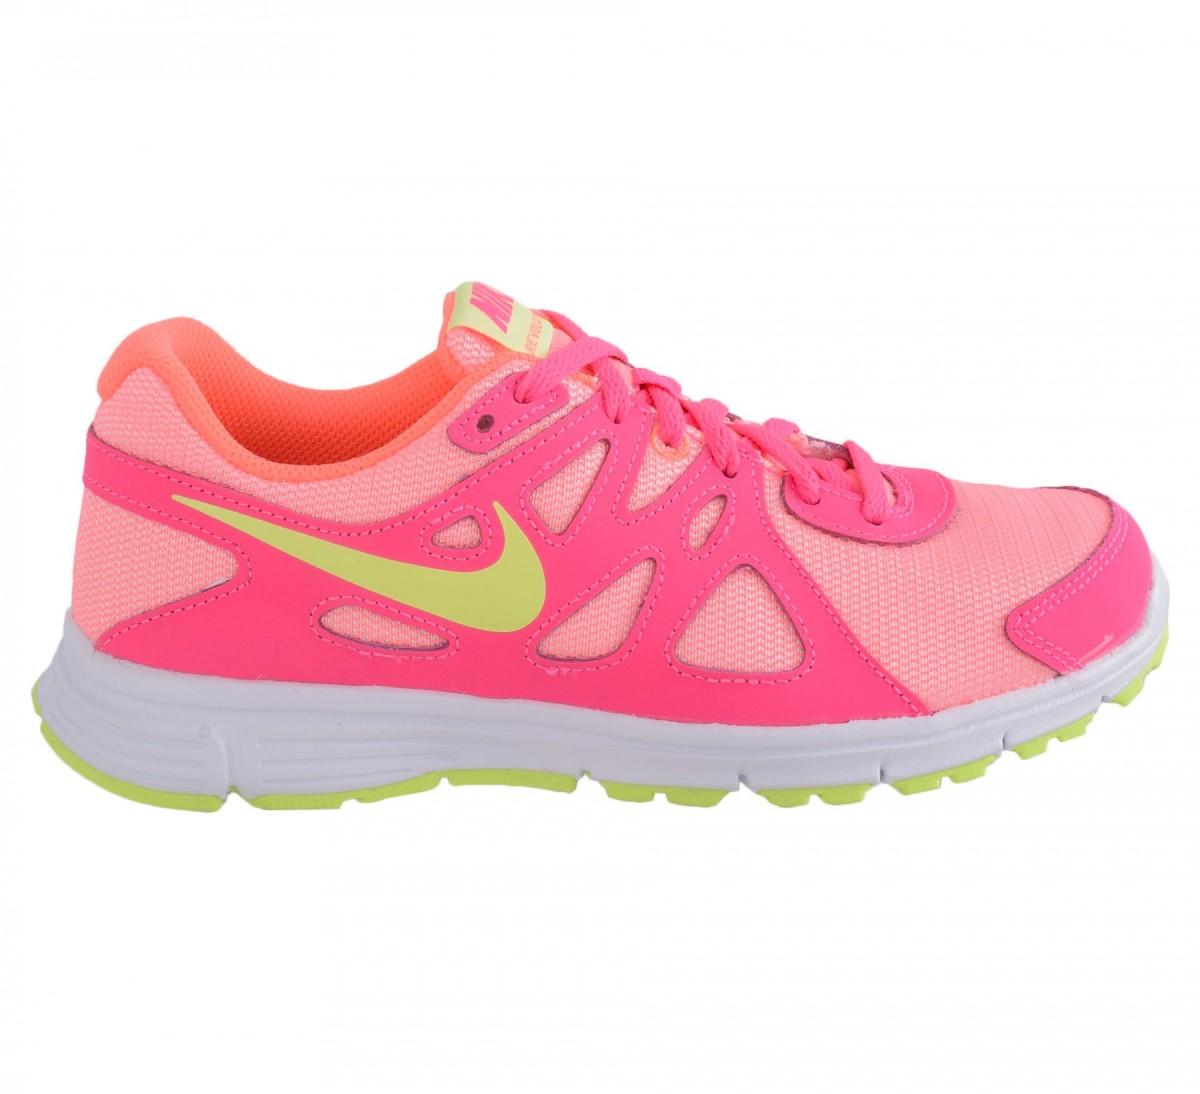 95aa32e8e Tênis Nike 555090 Revolution 2 GS - Rosa verde